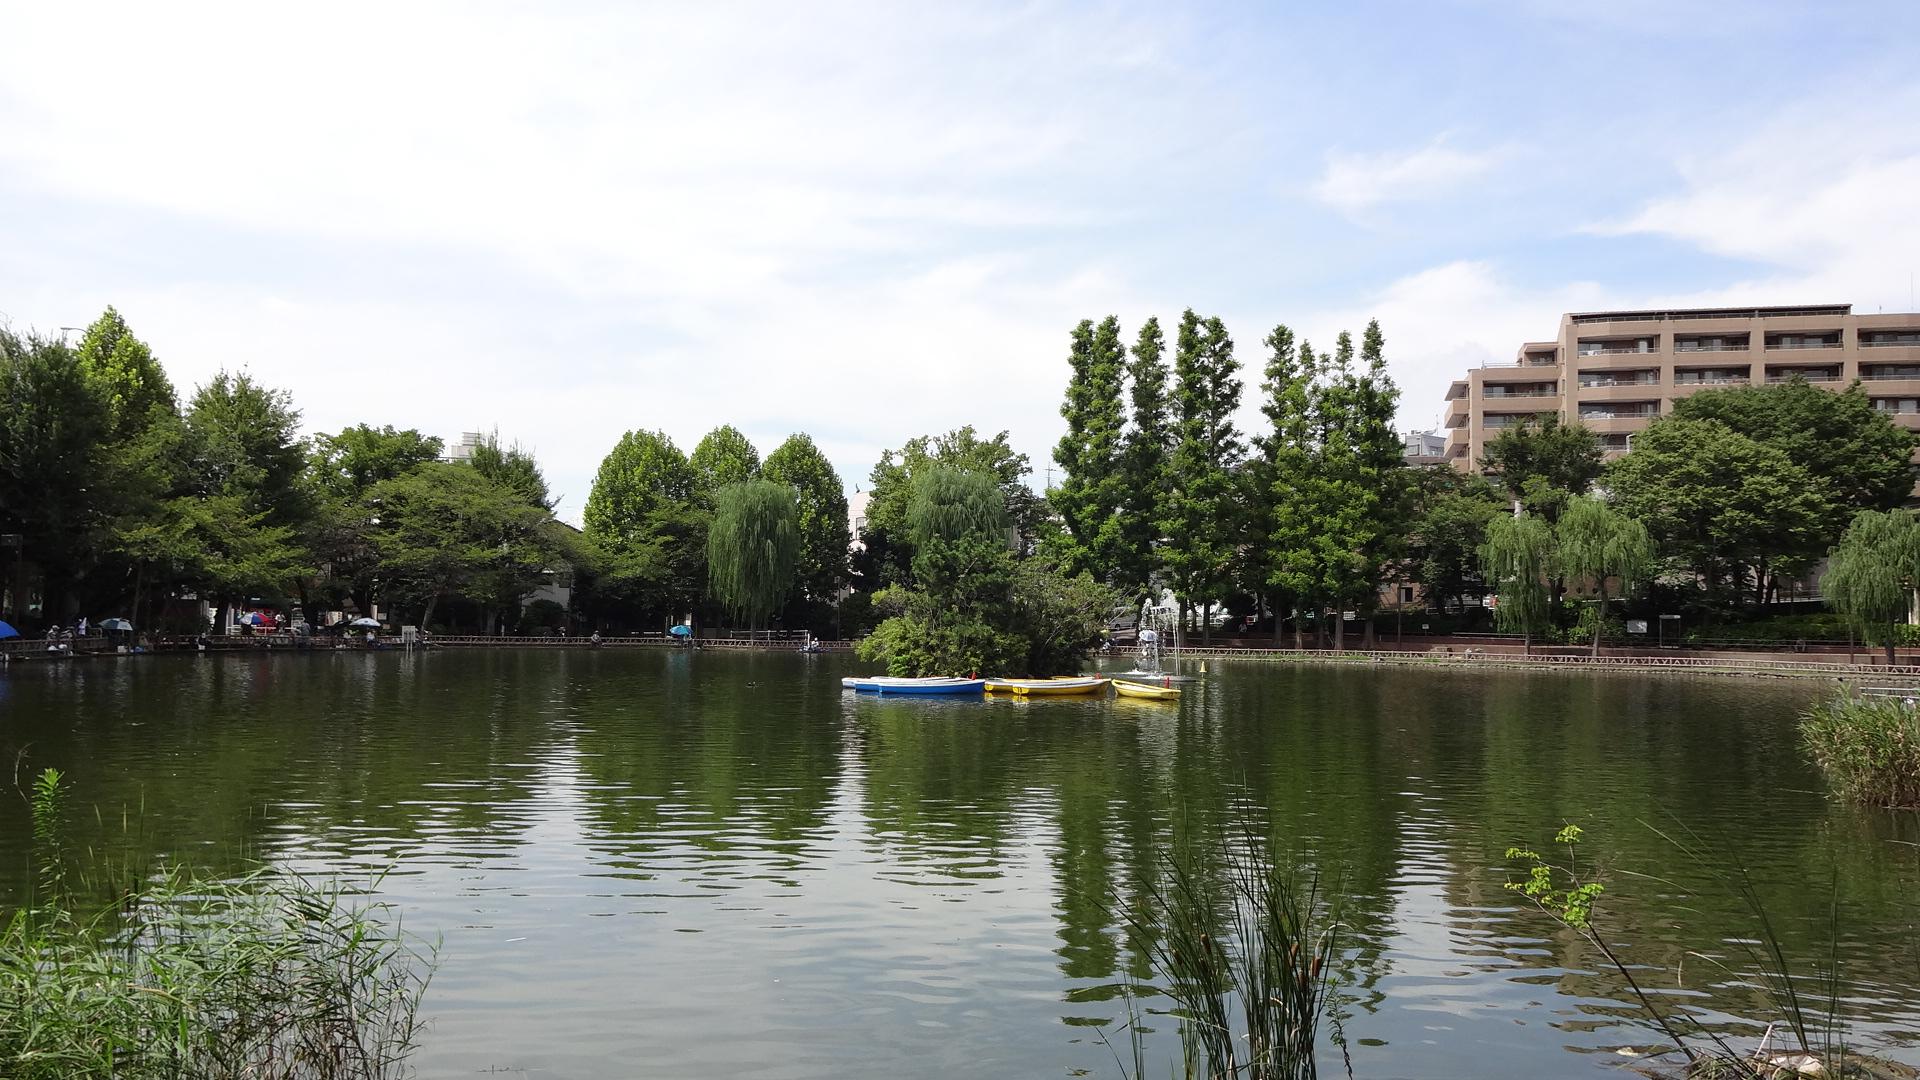 画像参照:ユタホン 東京散歩&さいたま散歩&パソコン絵画